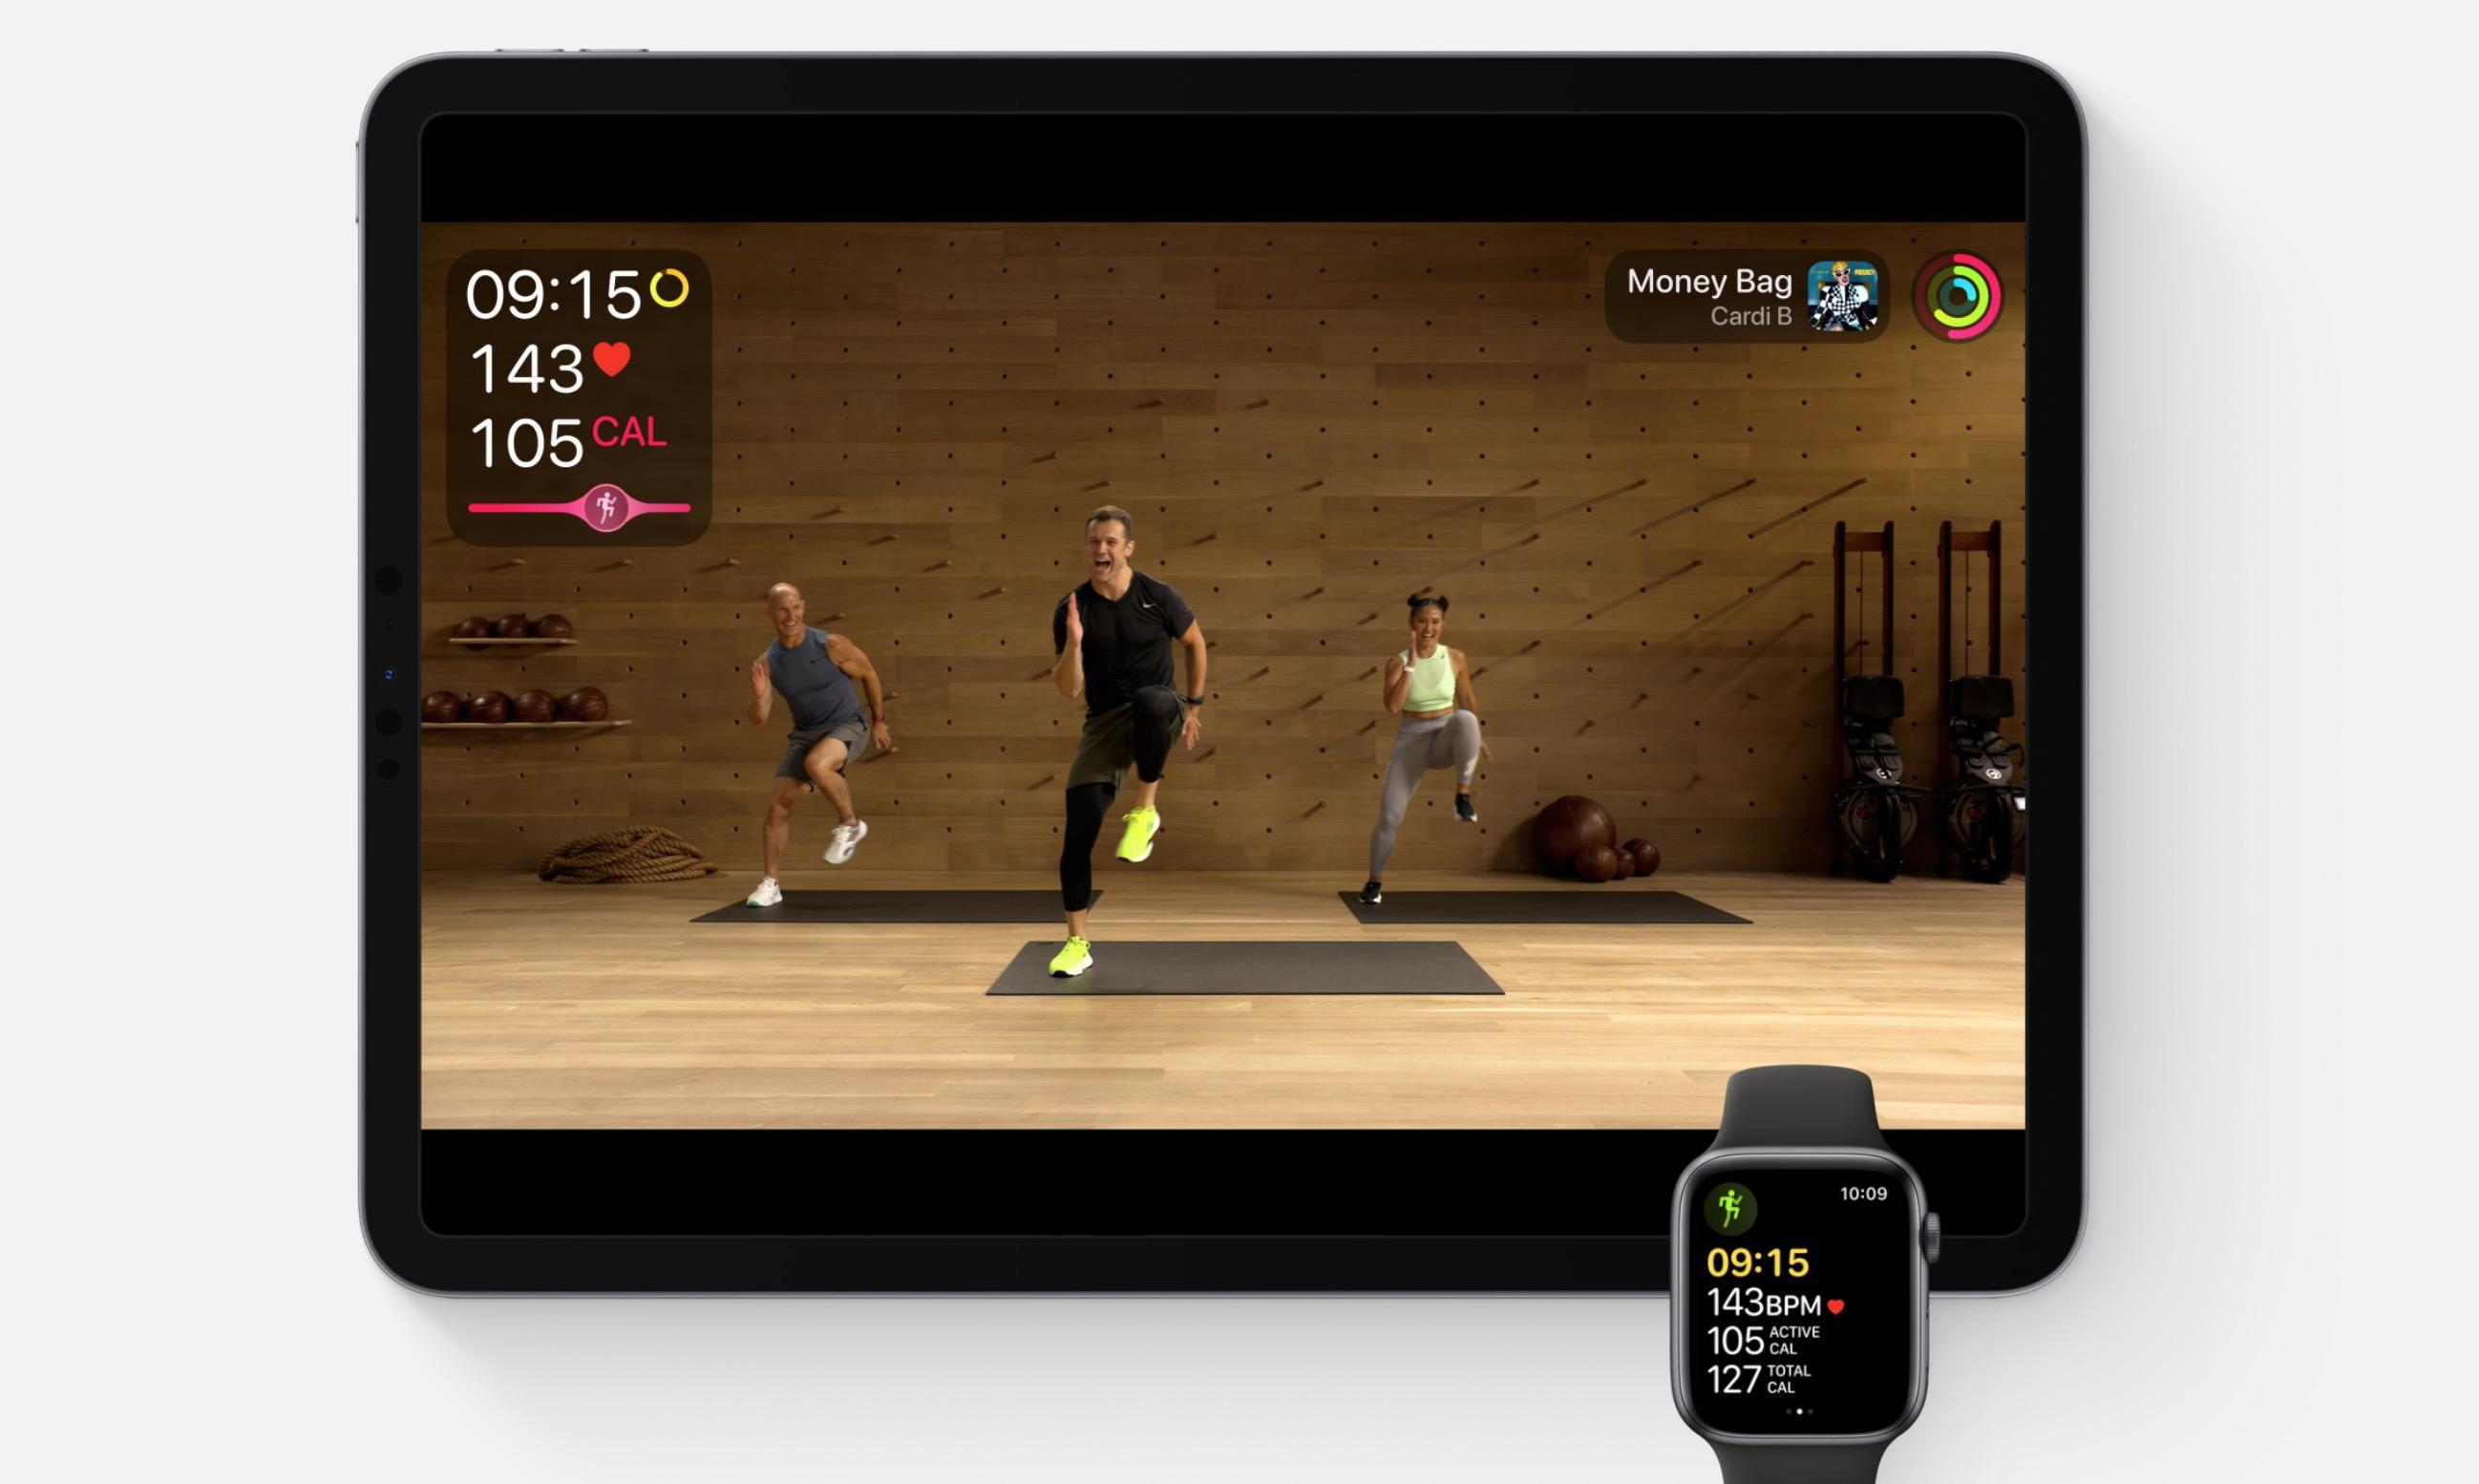 Fitness +: розробники Apple розповідають, чому компанія запустила платформу з онлайн-фітнесу і яка мета лежить у її основі